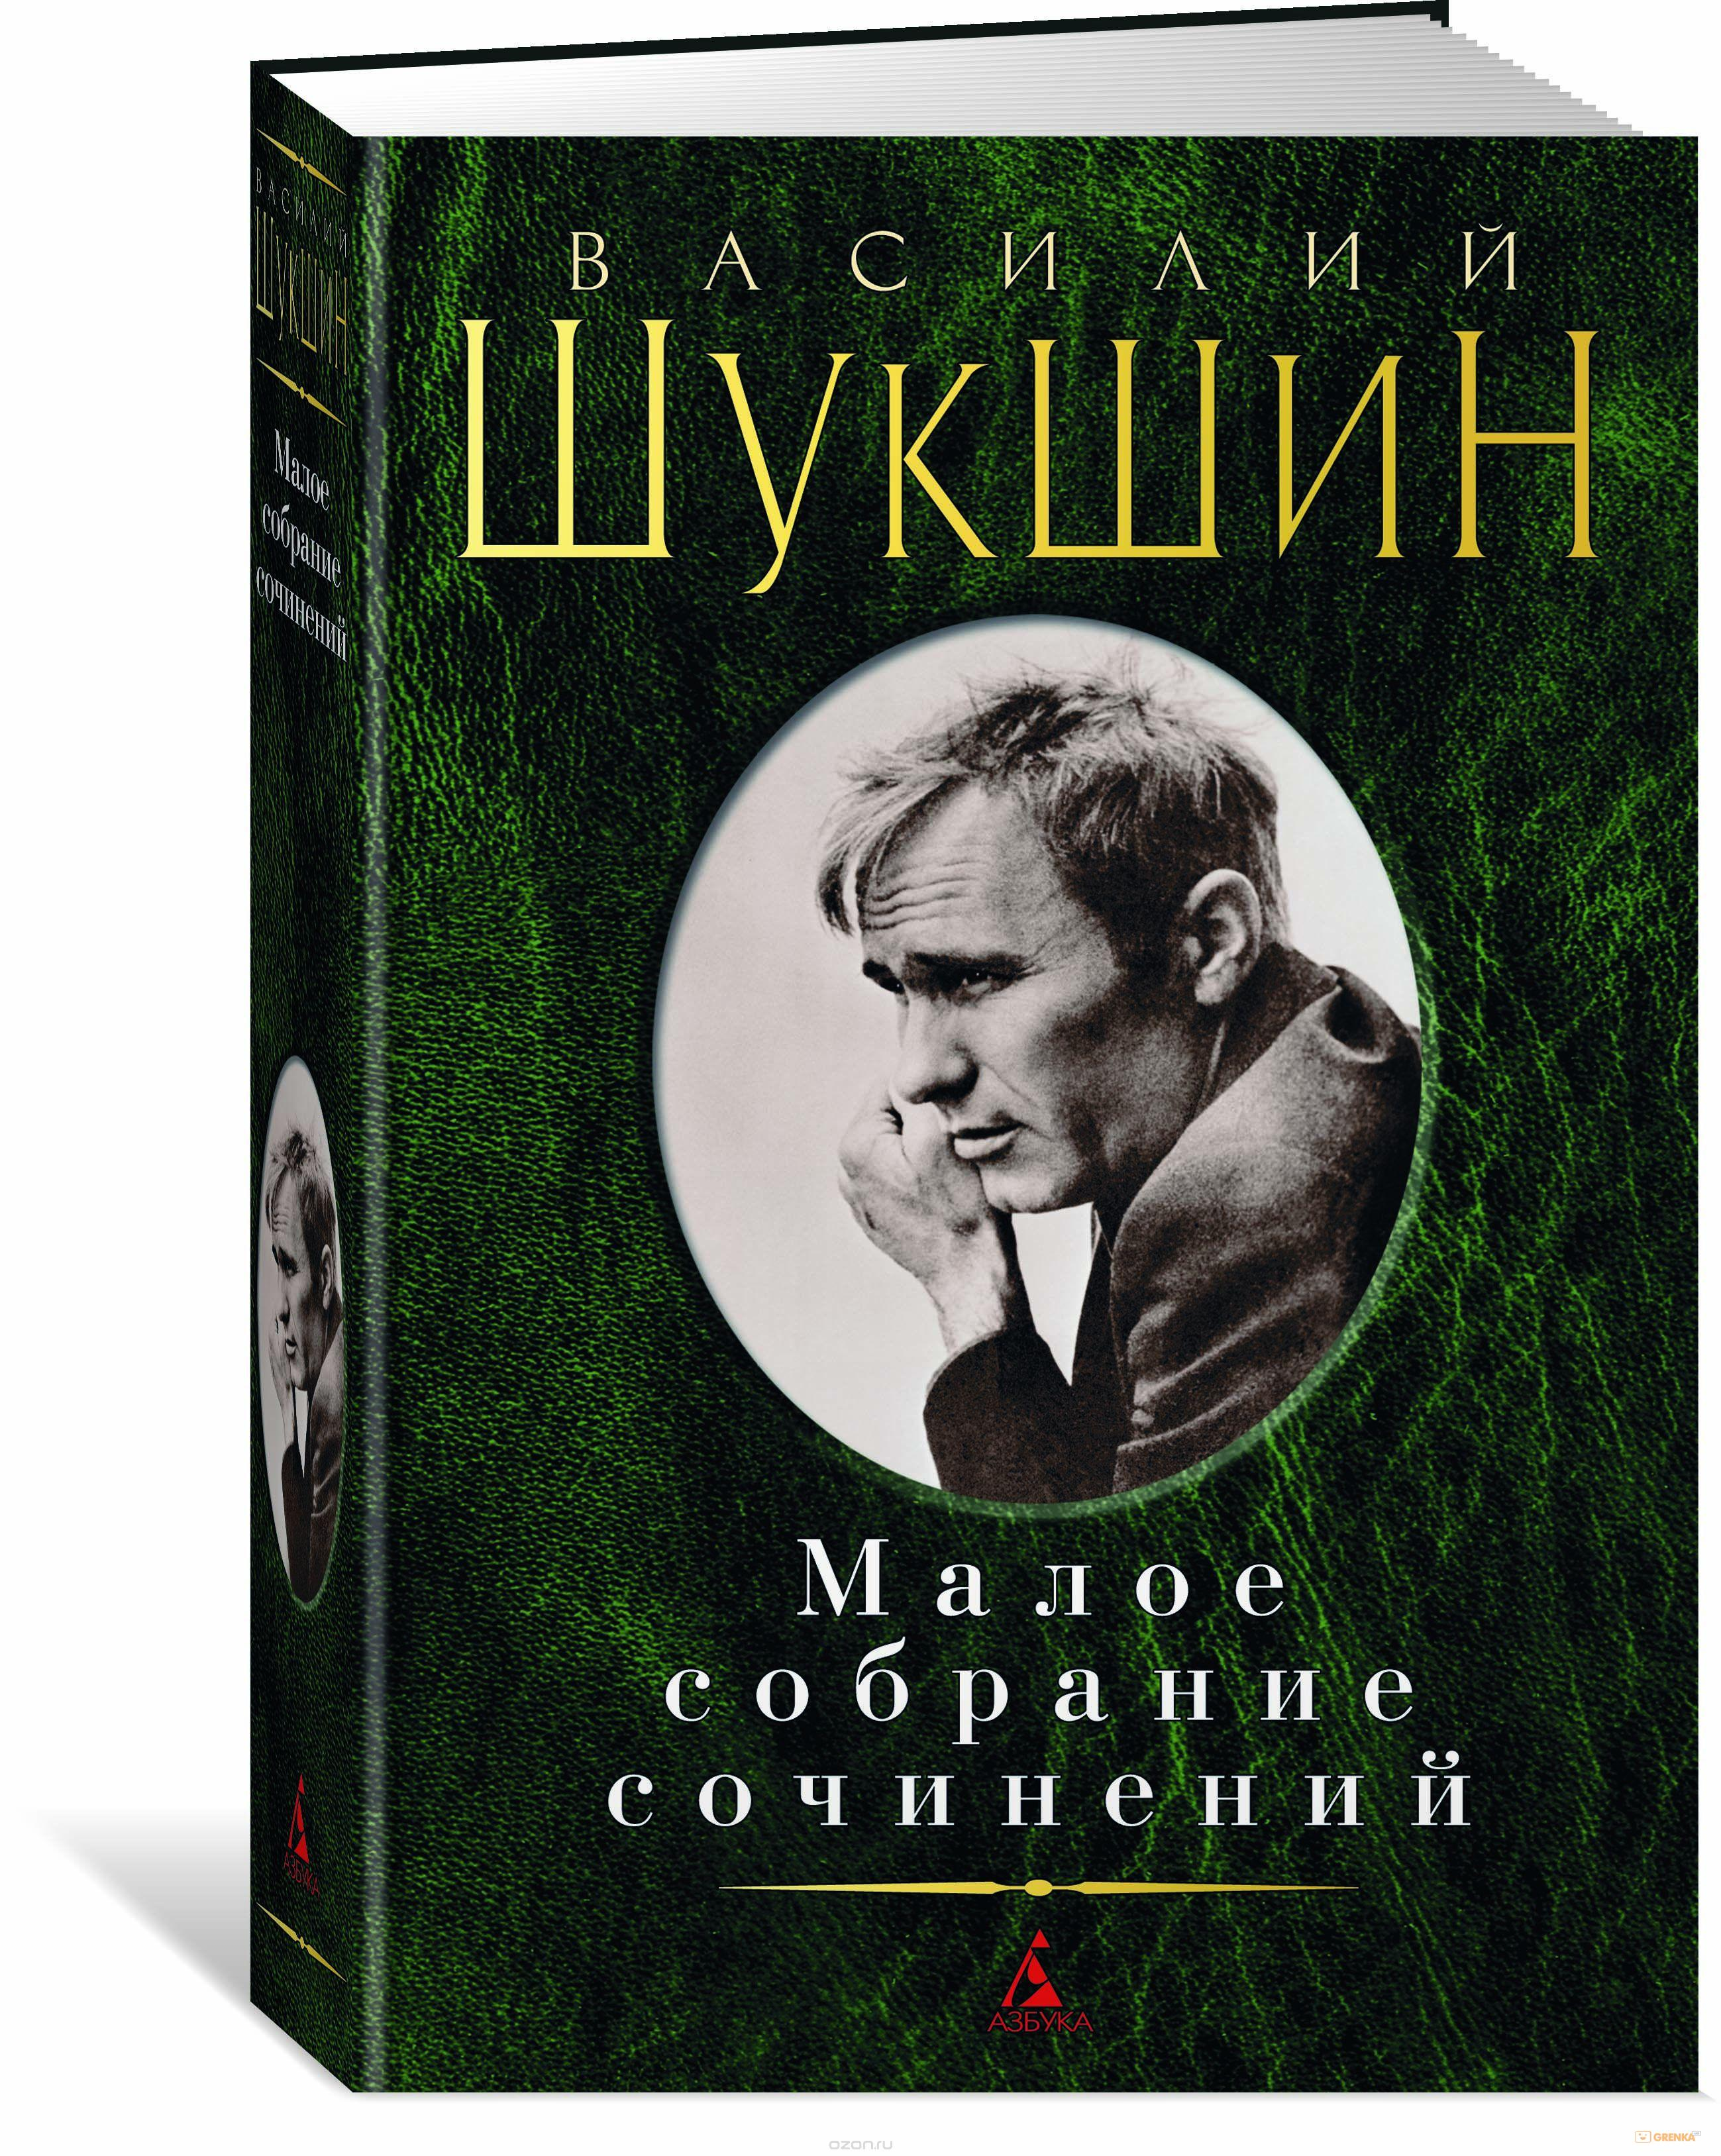 Купить Малое собрание сочинений, Василий Шукшин, 978-5-389-13185-9